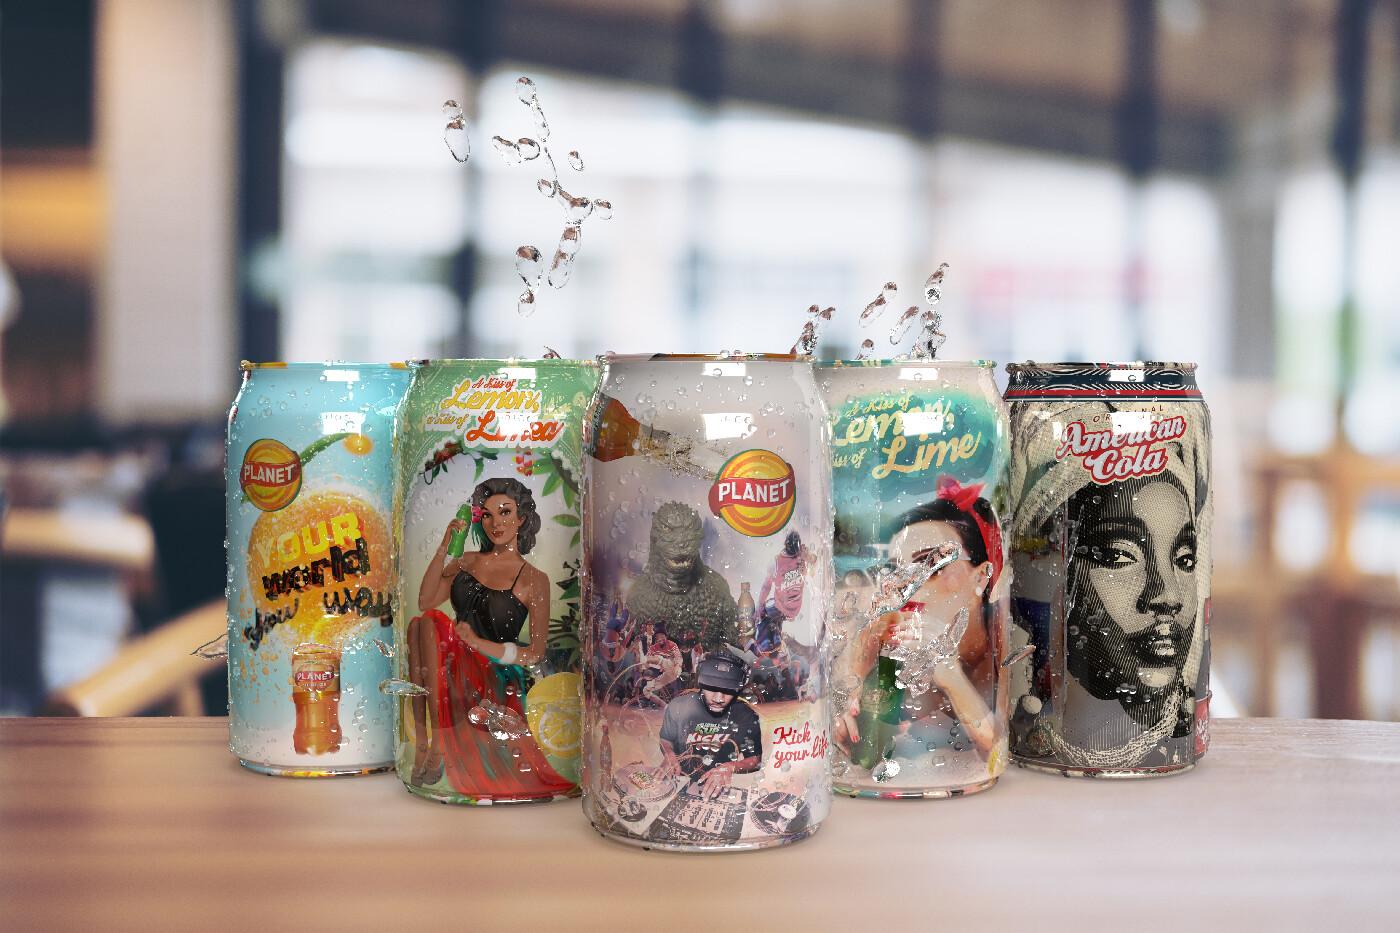 Soft drink bottle design